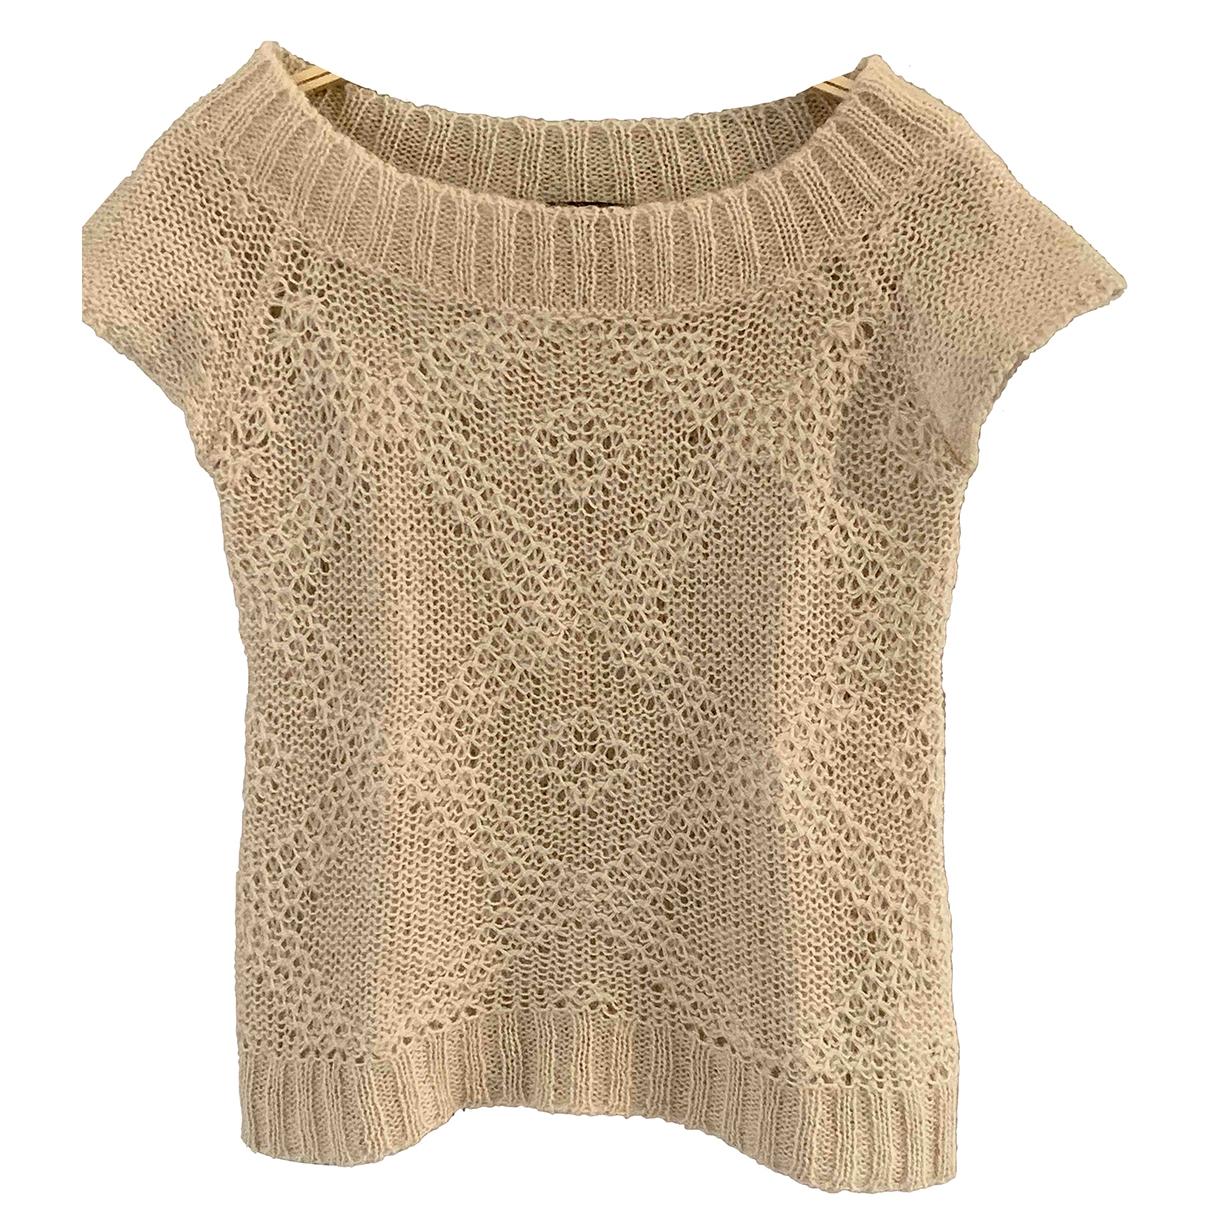 Zara \N Pullover in  Ecru Wolle